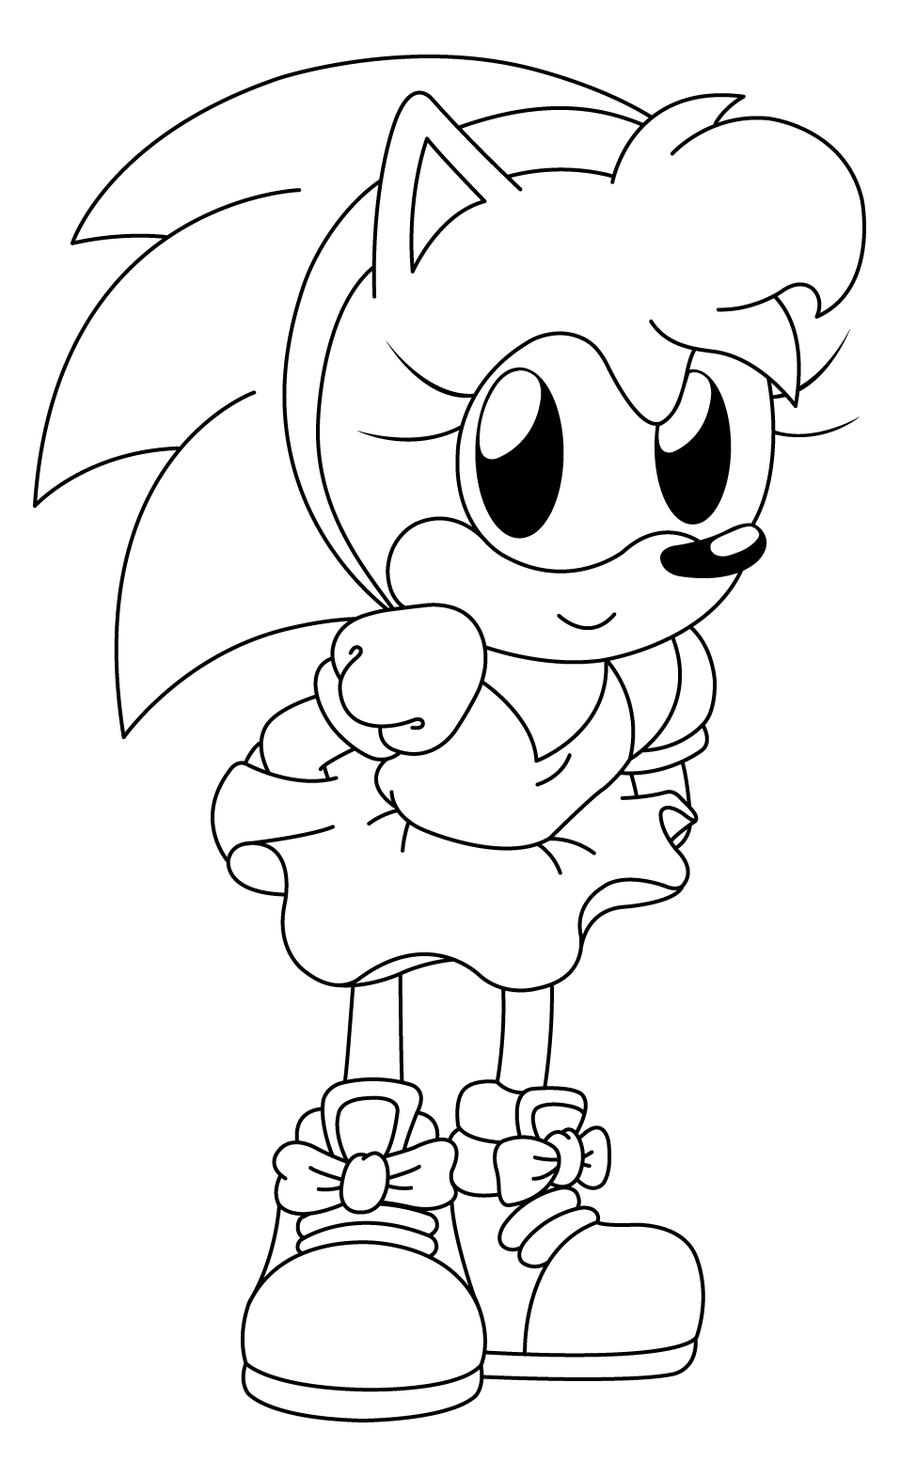 Ausmalbilder Sonic Zum Ausdrucken Ausmalbilder Ausmalen Ausmalbilder Zum Ausdrucken